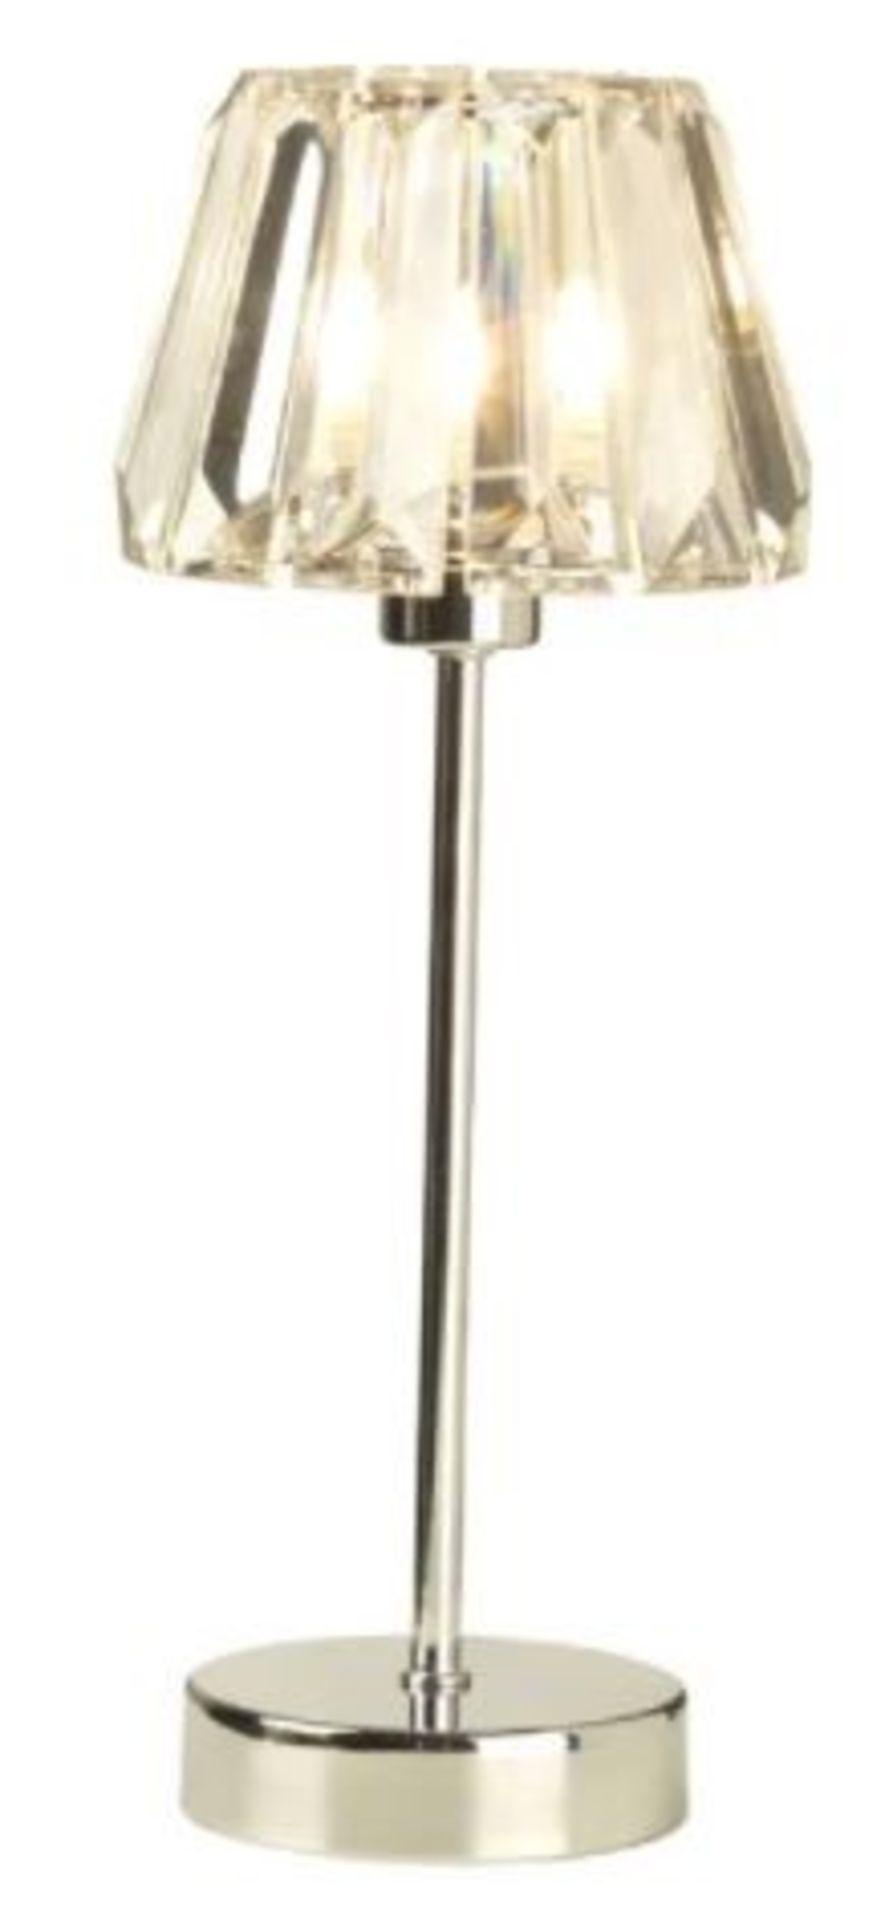 CAUDILL 34.5CM TABLE LAMP